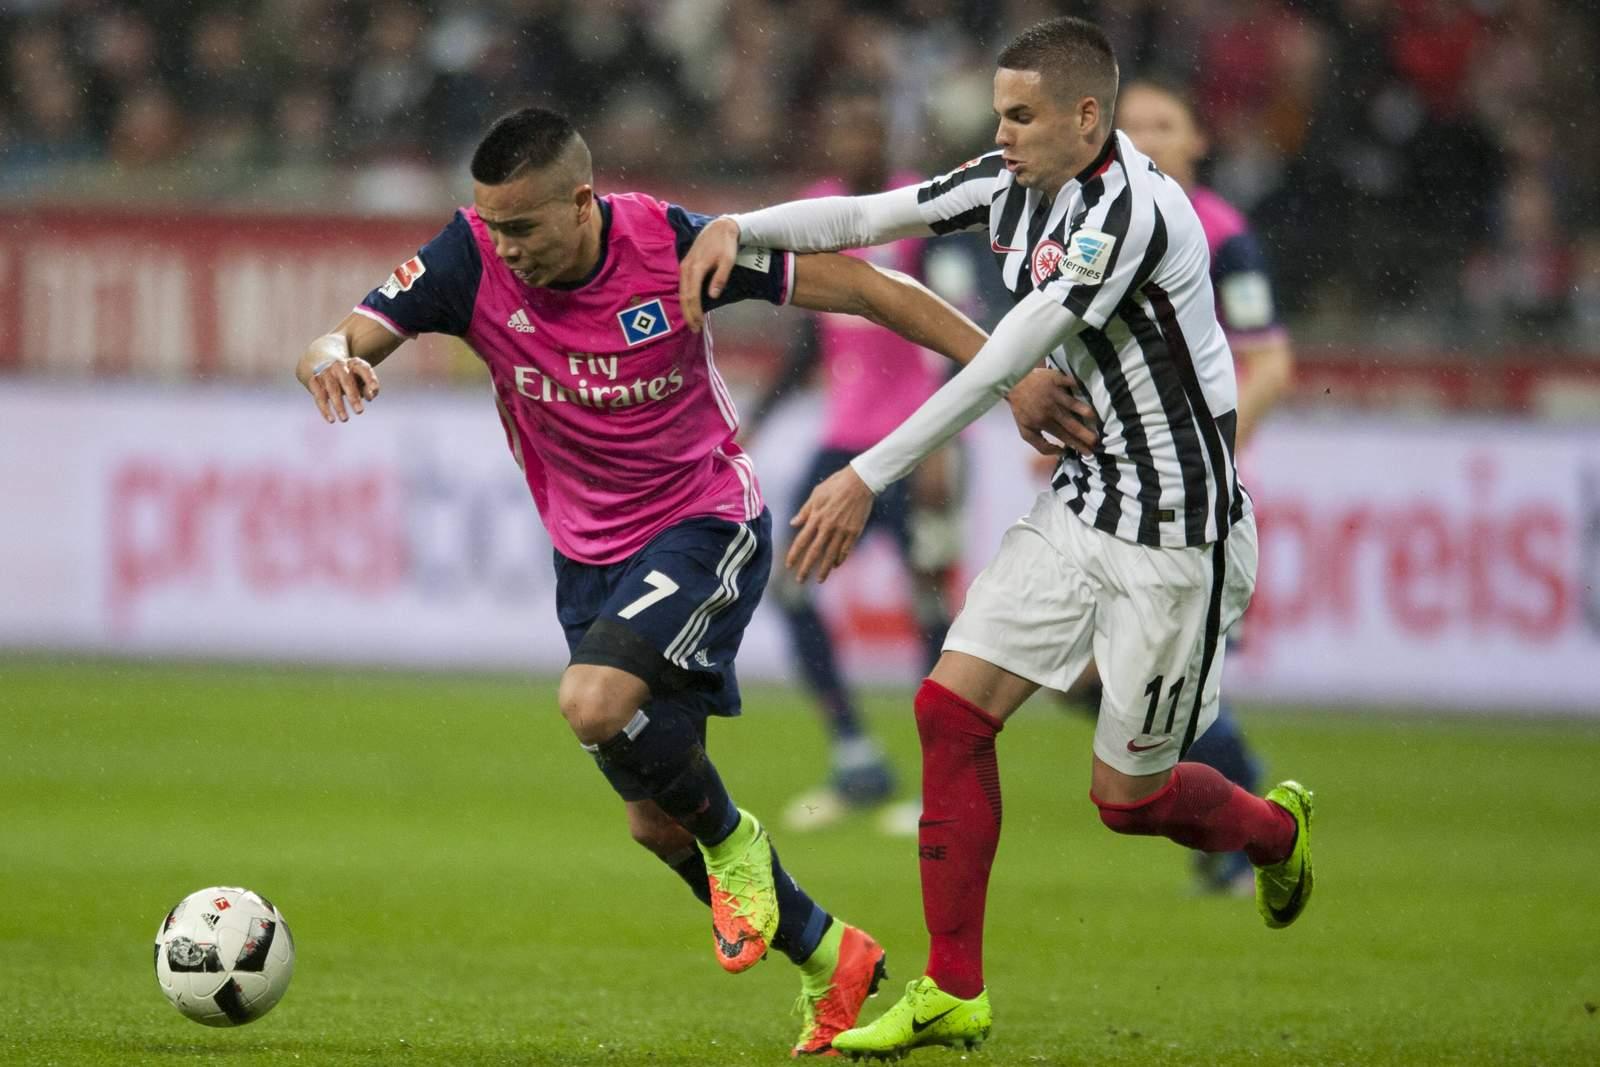 Setzt sich Bobby Wood gegen Mija Gacinovic durch? Jetzt auf Frankfurt gegen HSV wetten!